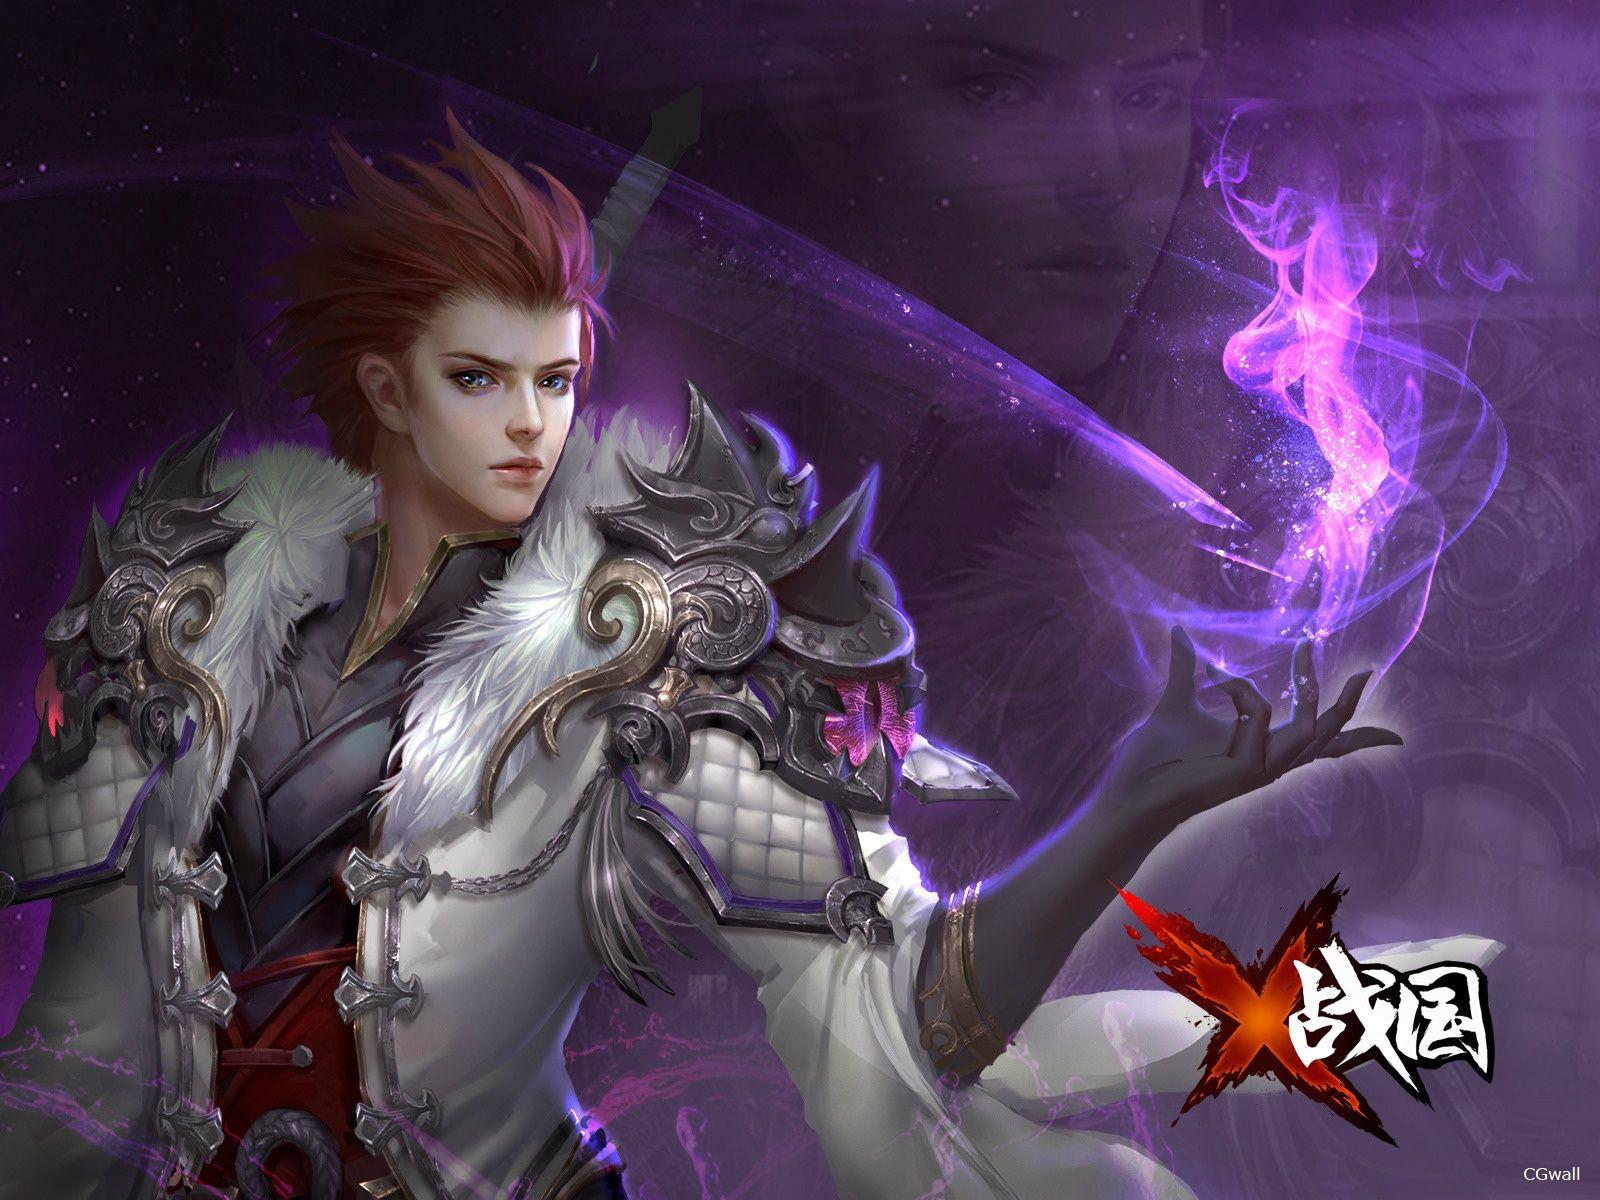 CGwall游戏原画网站_法师角色半身像